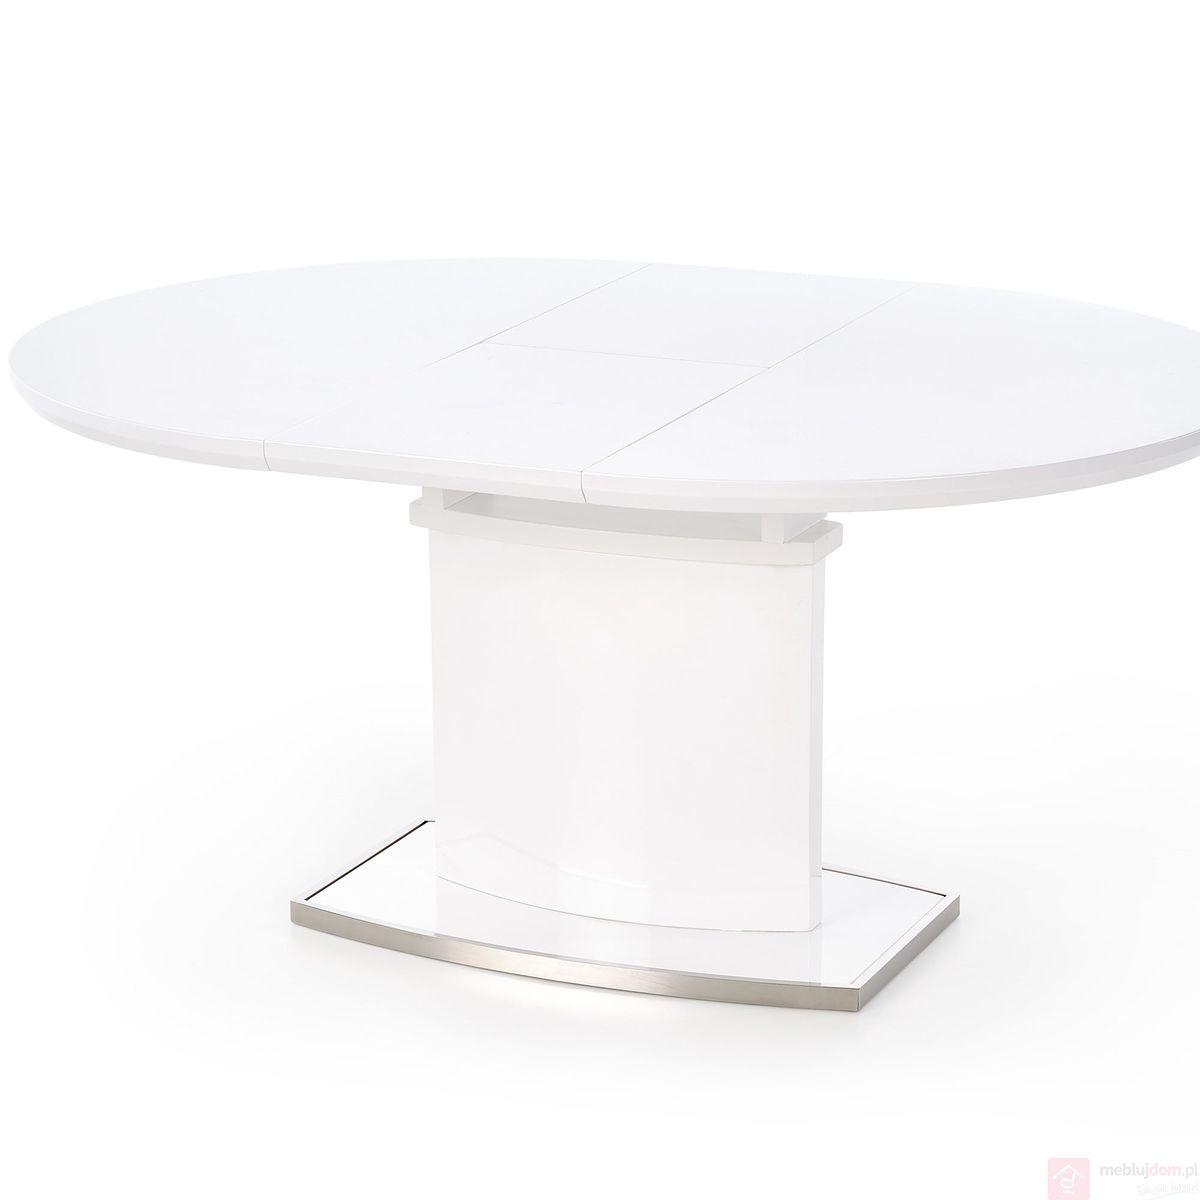 Stół FEDERICO Halmar Biały połysk rozłożony